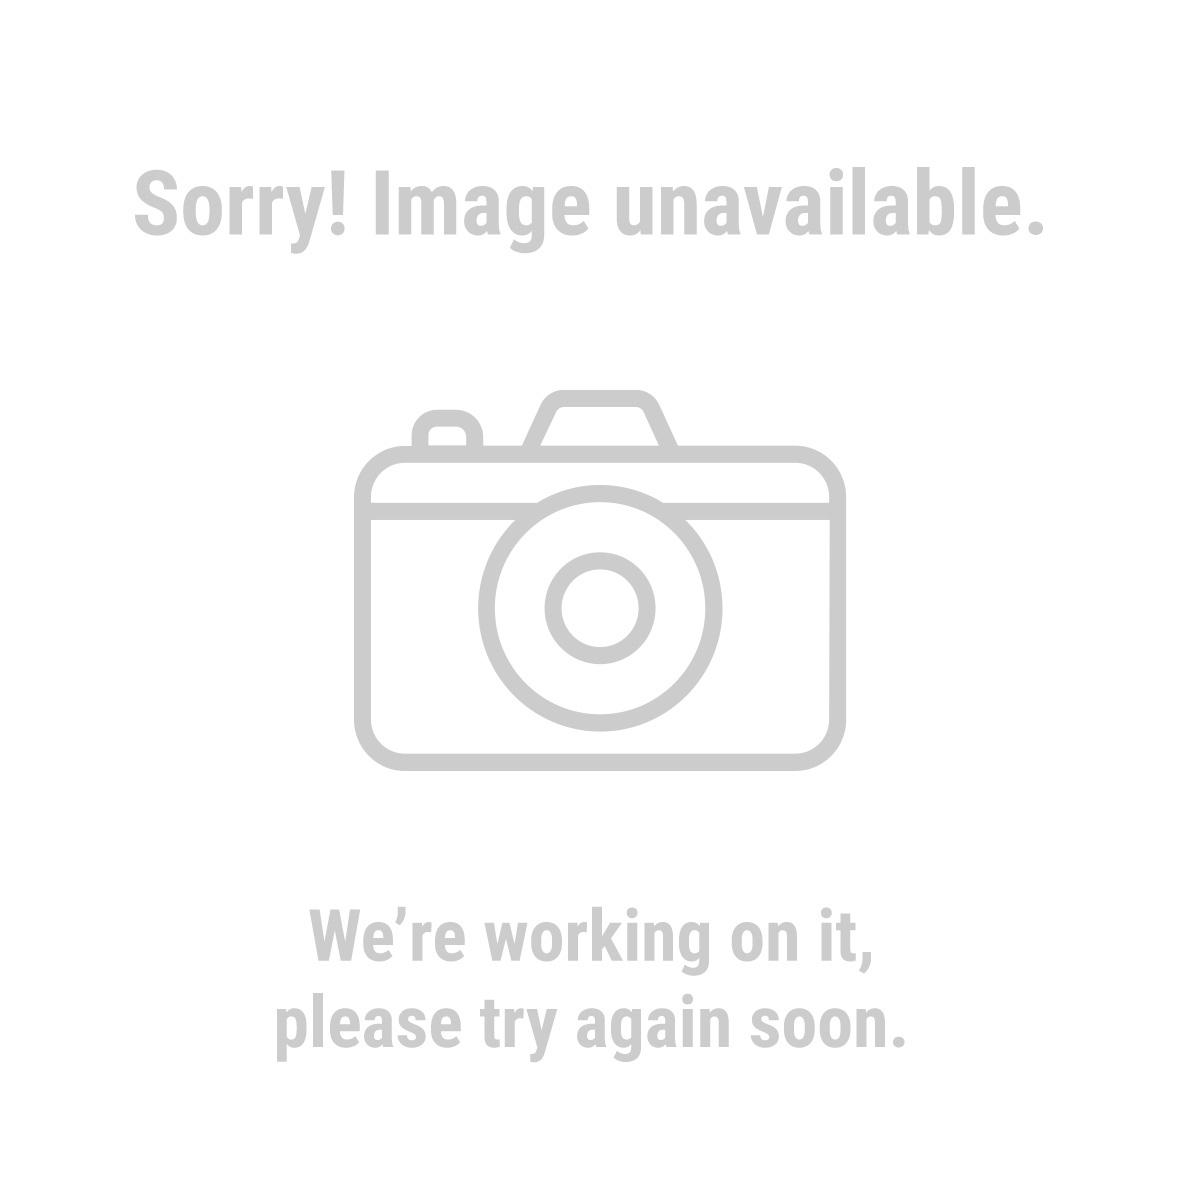 3 Ton Daytona Professional Steel Floor Jack